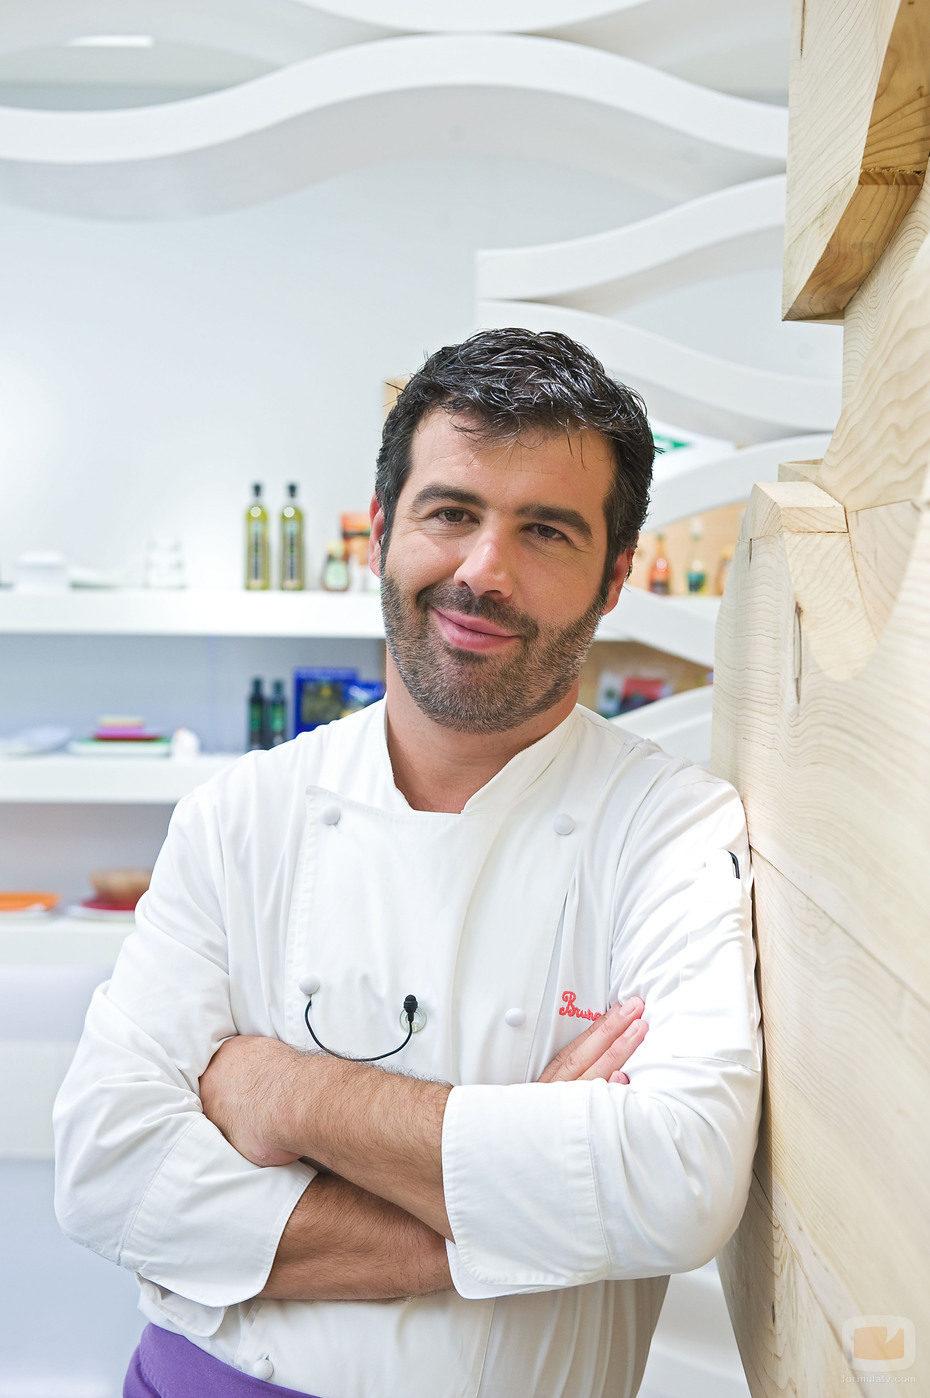 Bruno oteiza el cocinero de 39 cocina con bruno oteiza - Cocina con bruno ...